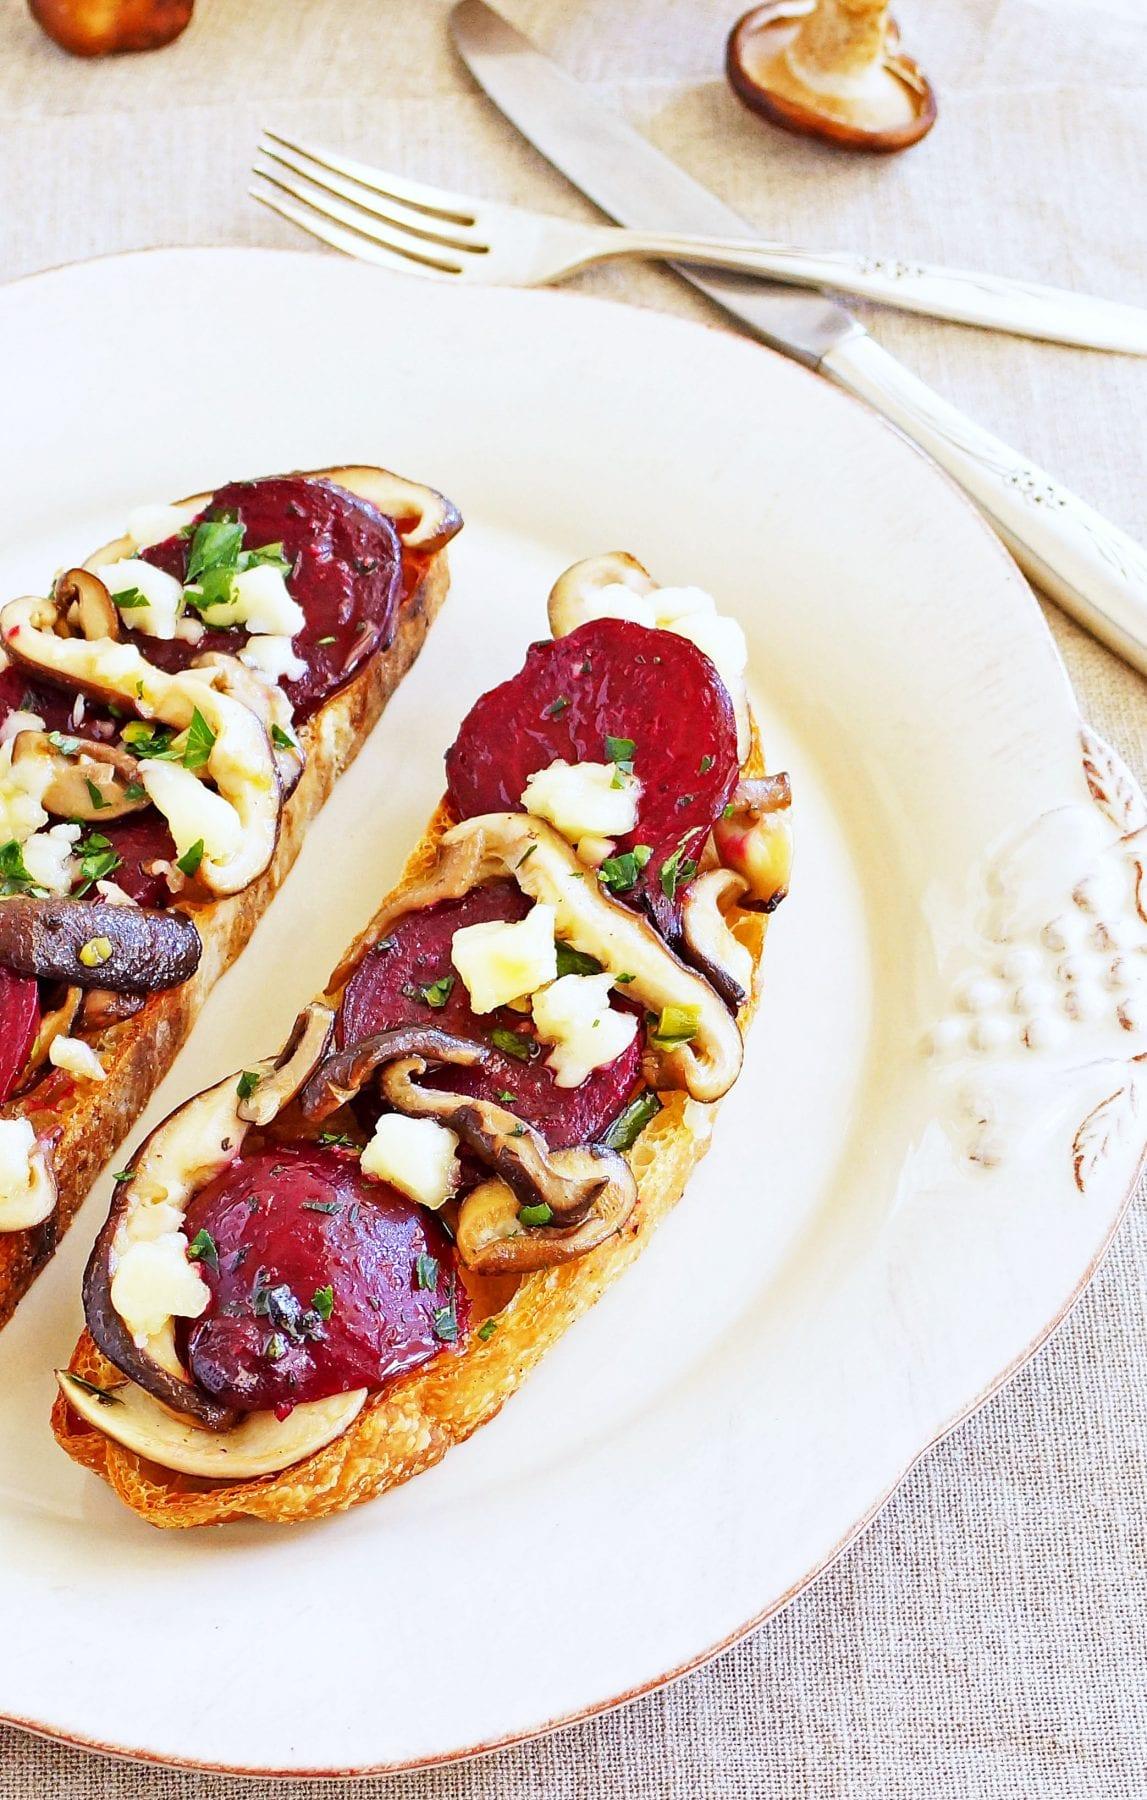 Roasted Beet and Shiitaki Mushroom Tartines